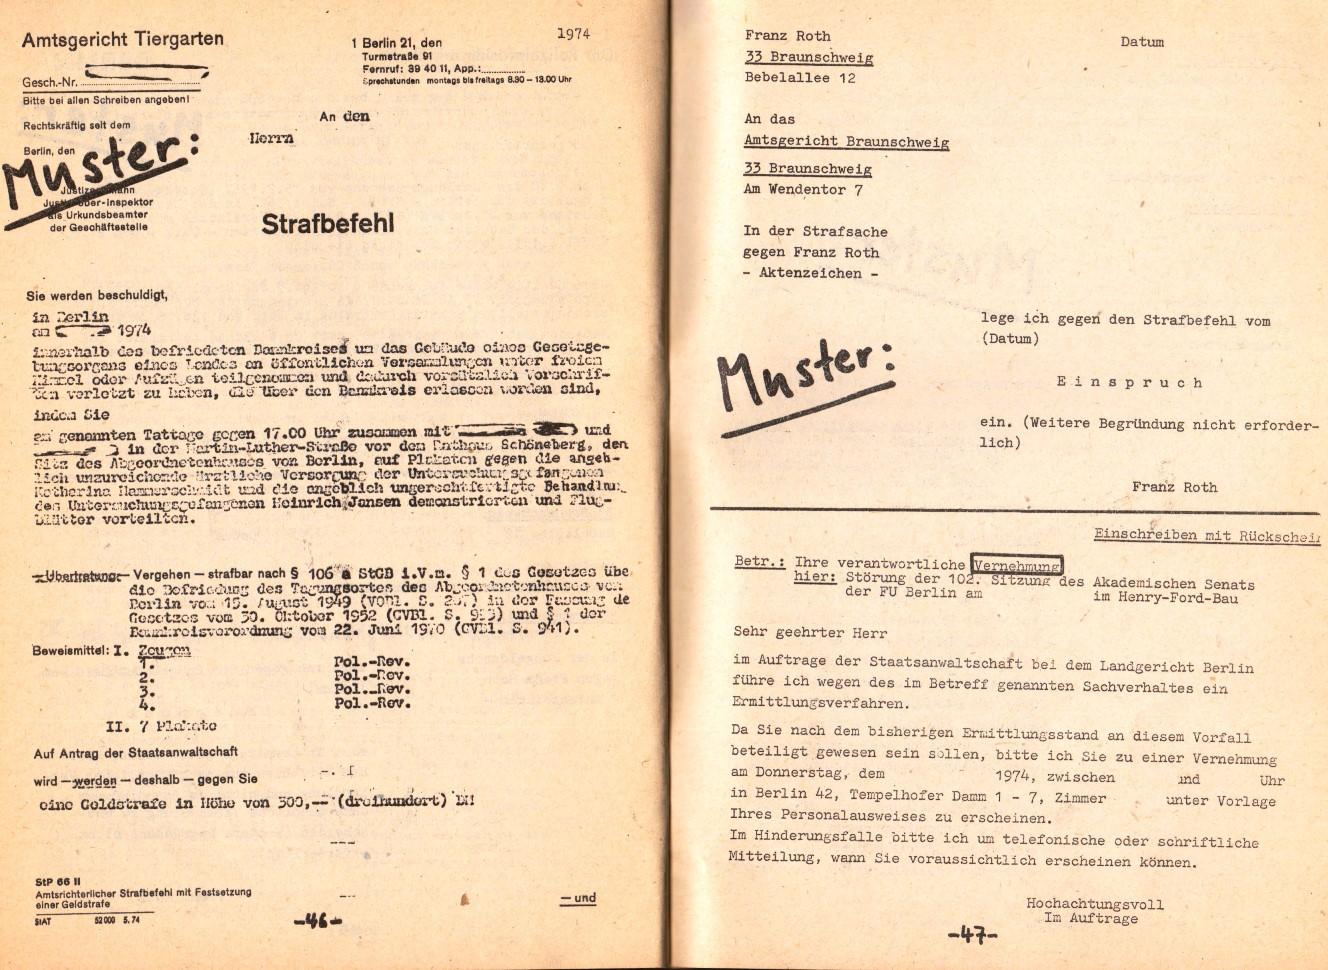 RHeV_1975_Wie_verteidige_ich_mich_25